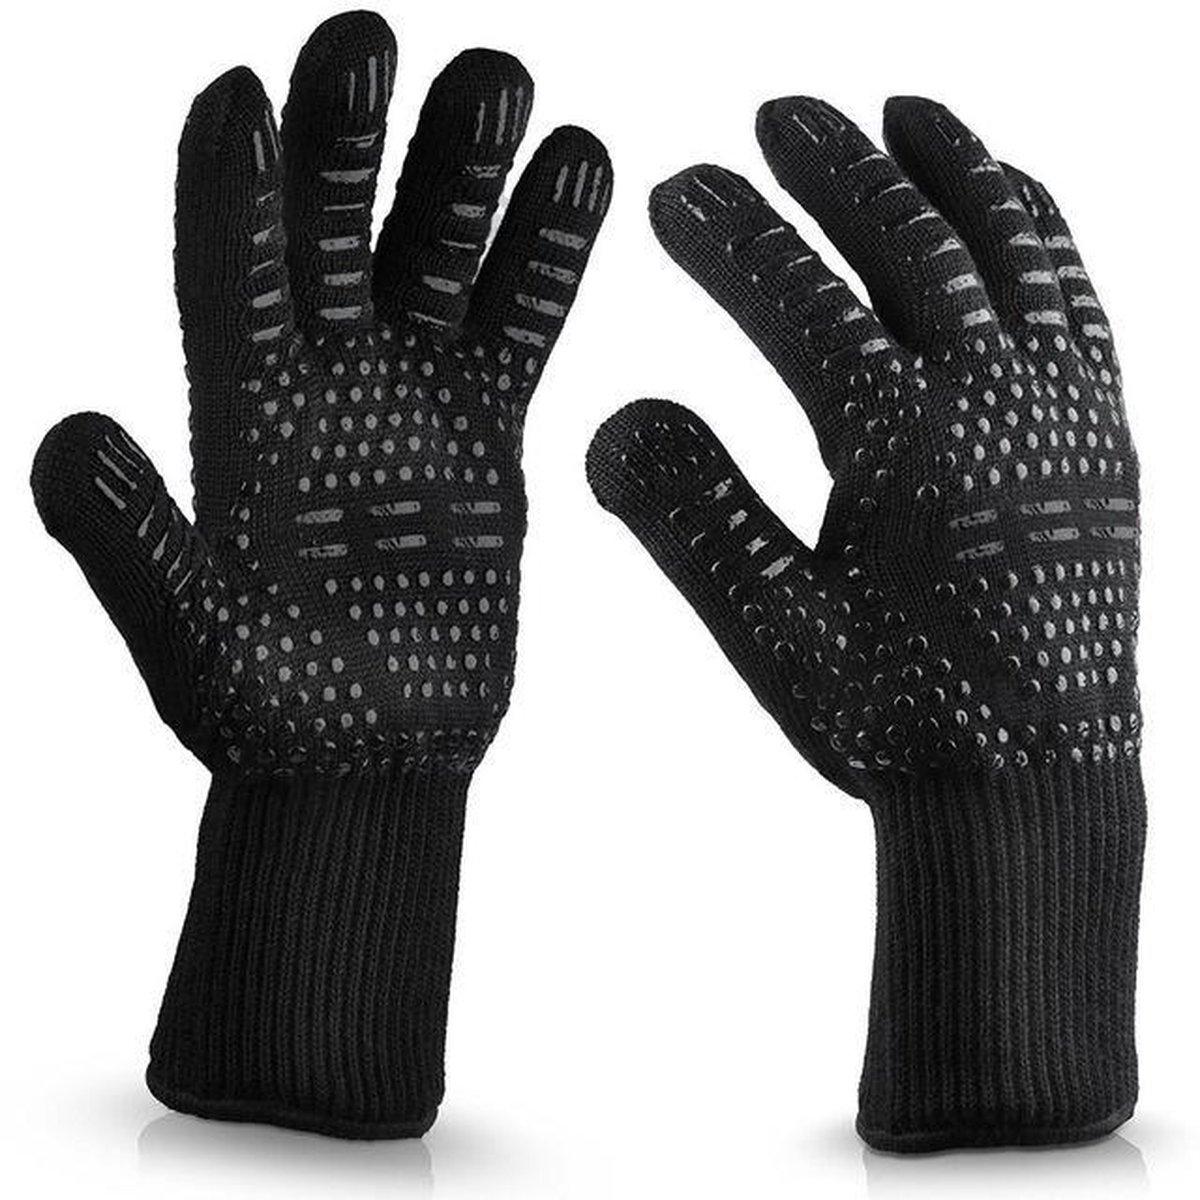 RX Goods  2 Stuks Antislip BBQ & Oven Veiligheid Handschoenen   Hittebestendige Dubbele Voering - Zw